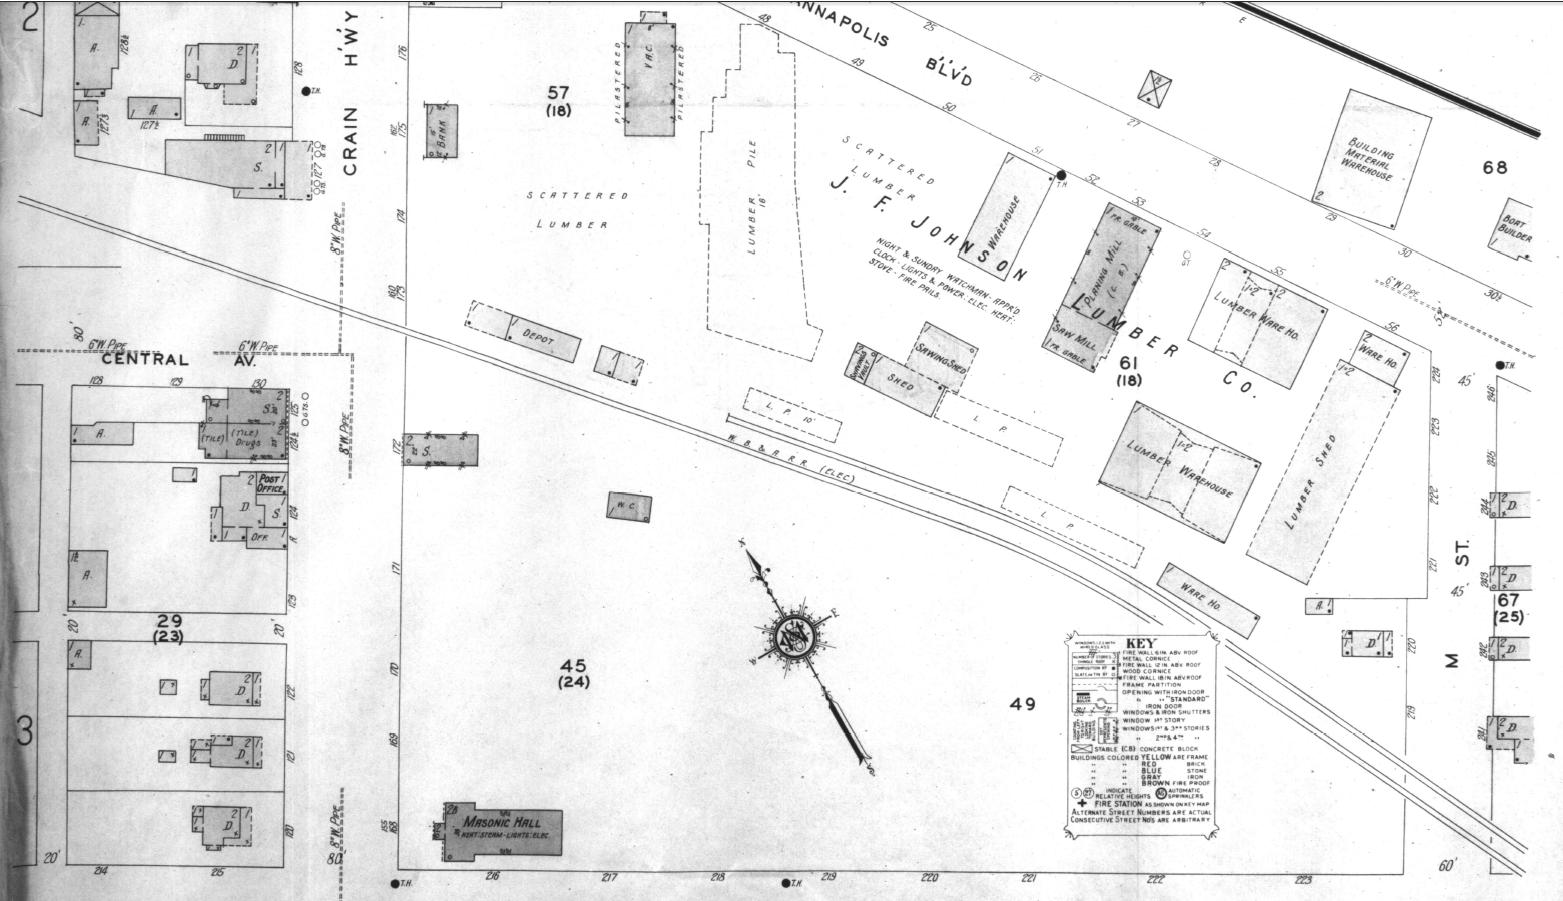 Baltimore & Annapolis Railroad, Map of Glen Burnie Station. Glen Burnie, Maryland Date: Unknown. Source: Unknown.